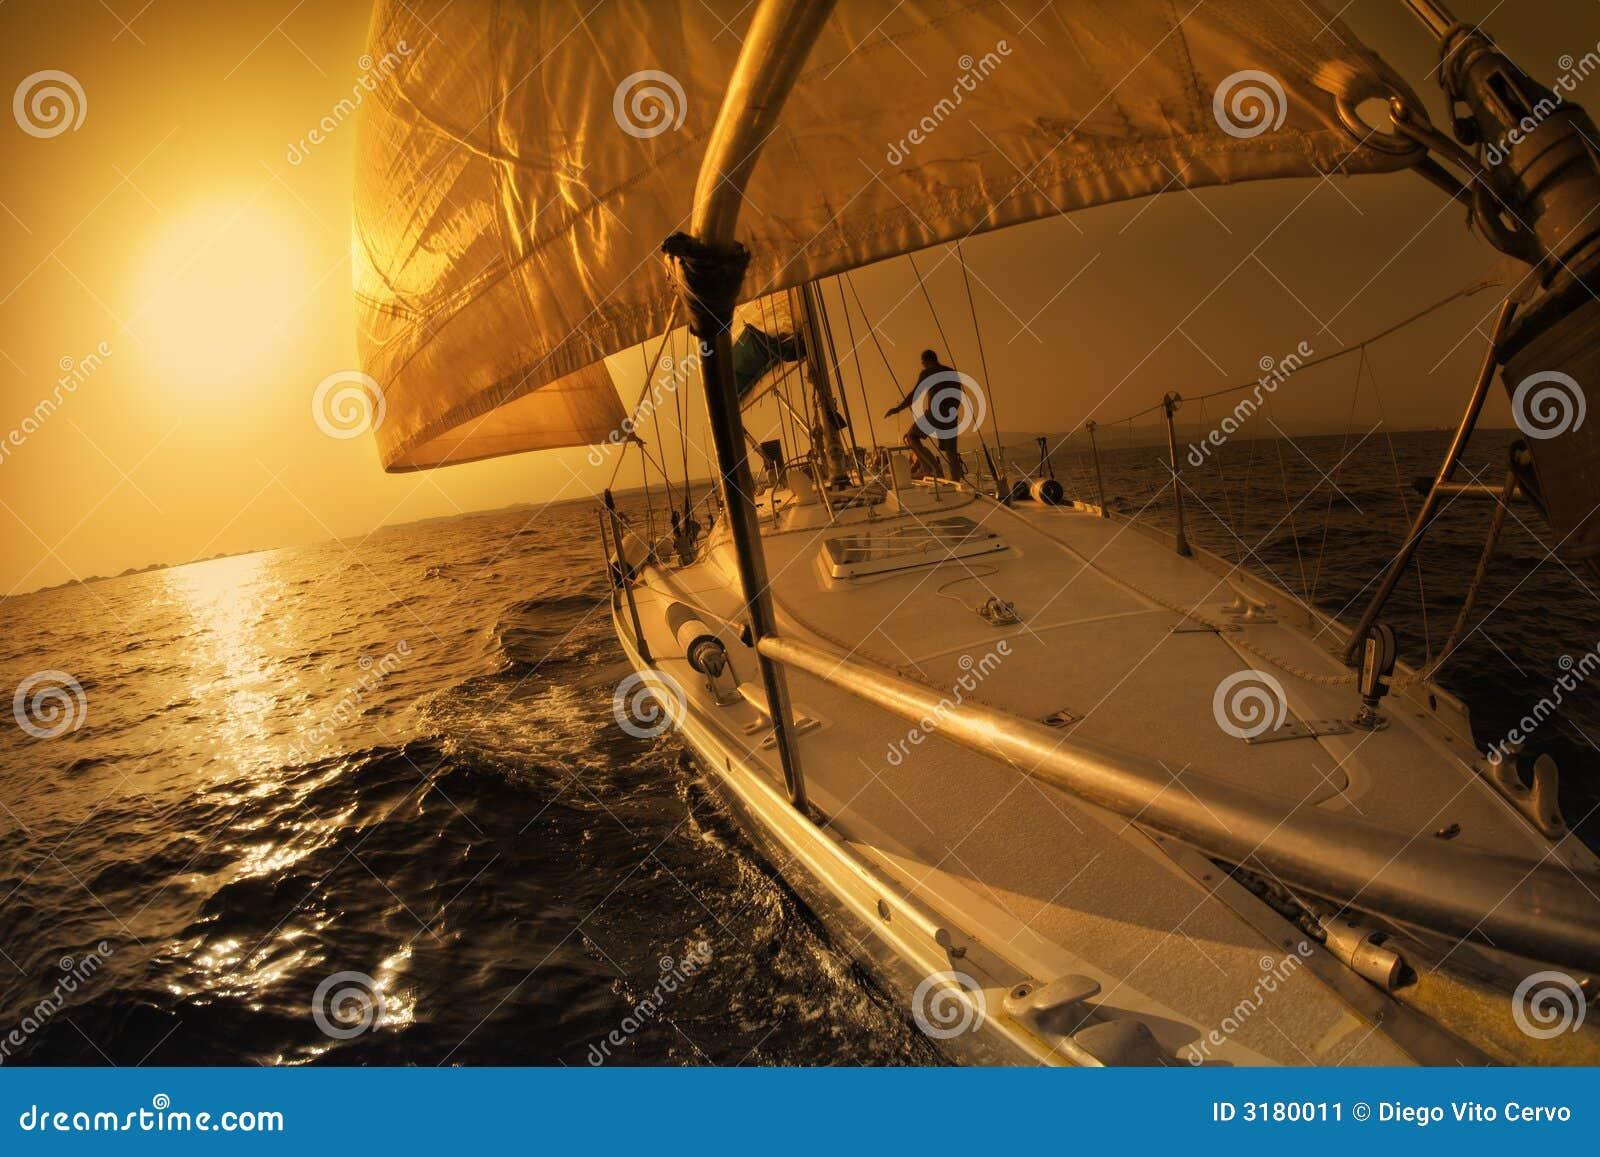 żagiel łodzi